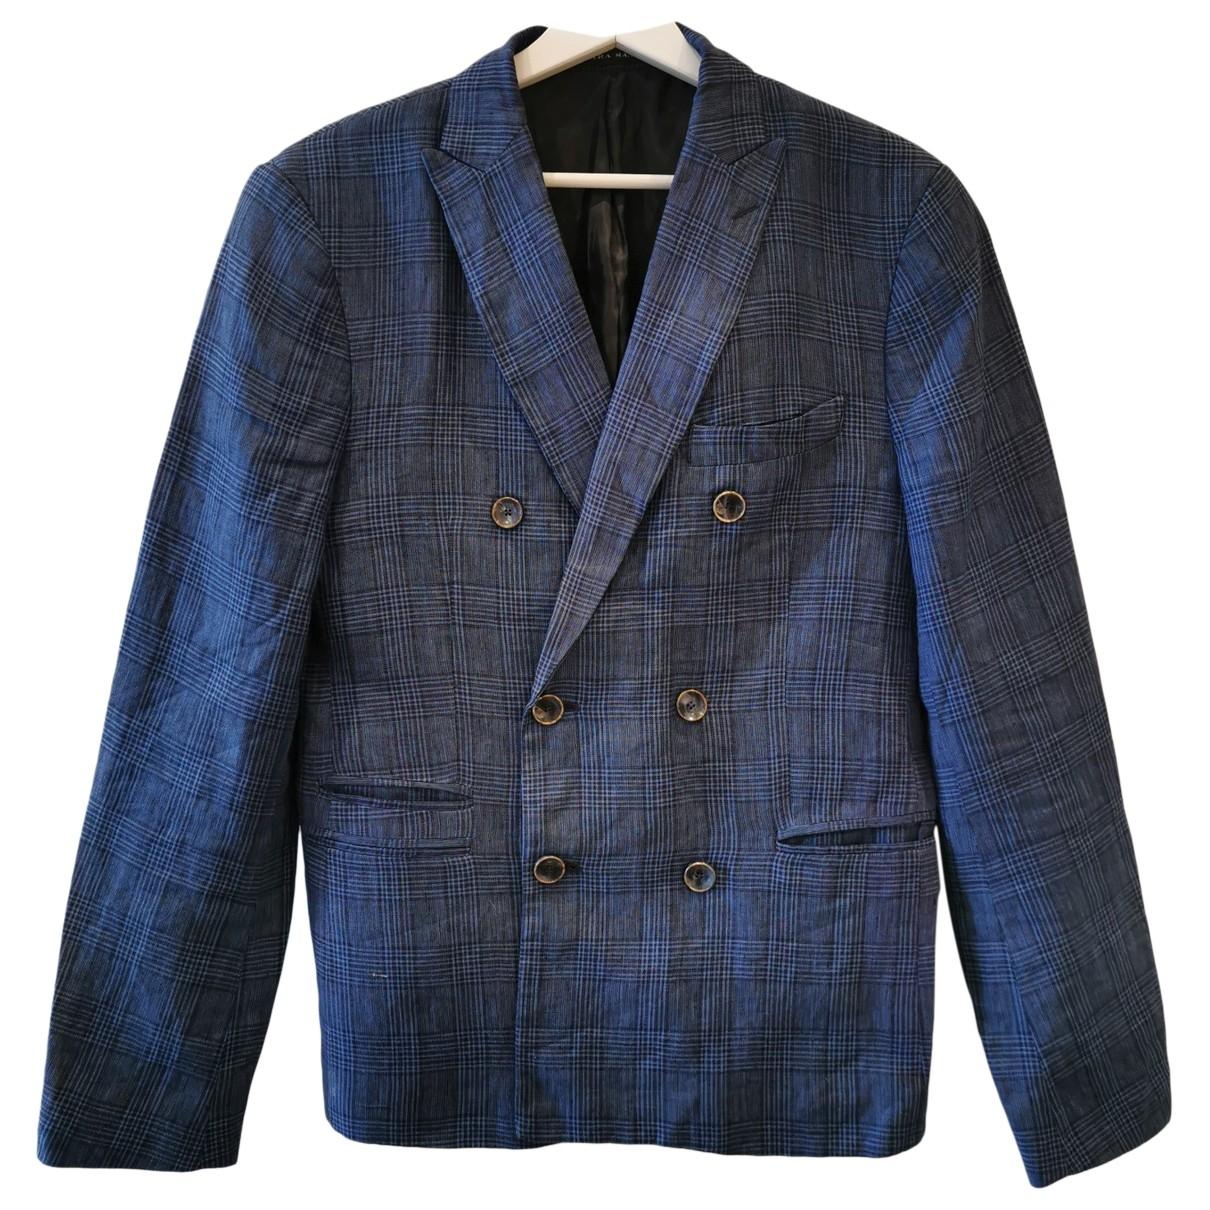 Zara \N Jacke in  Blau Leinen